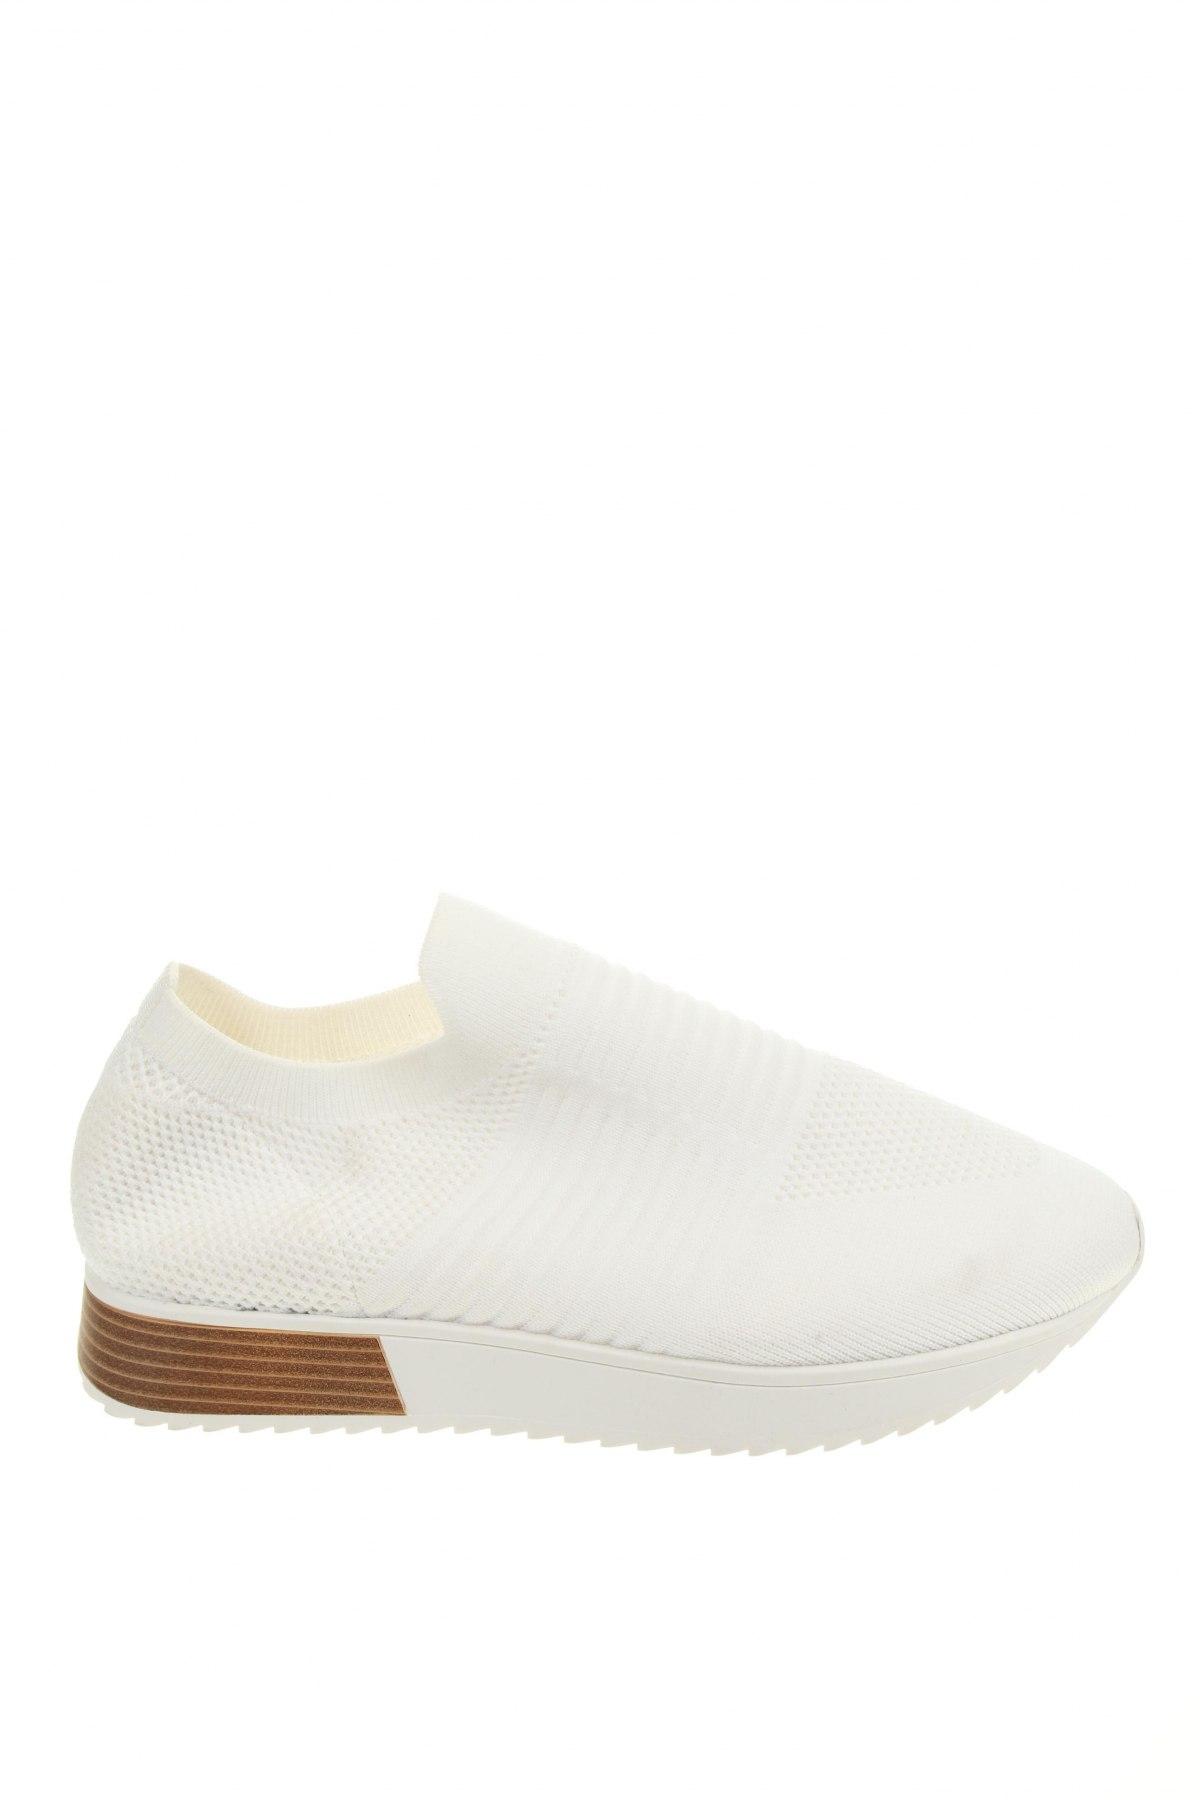 Обувки River Island, Размер 42, Цвят Бял, Текстил, Цена 58,50лв.